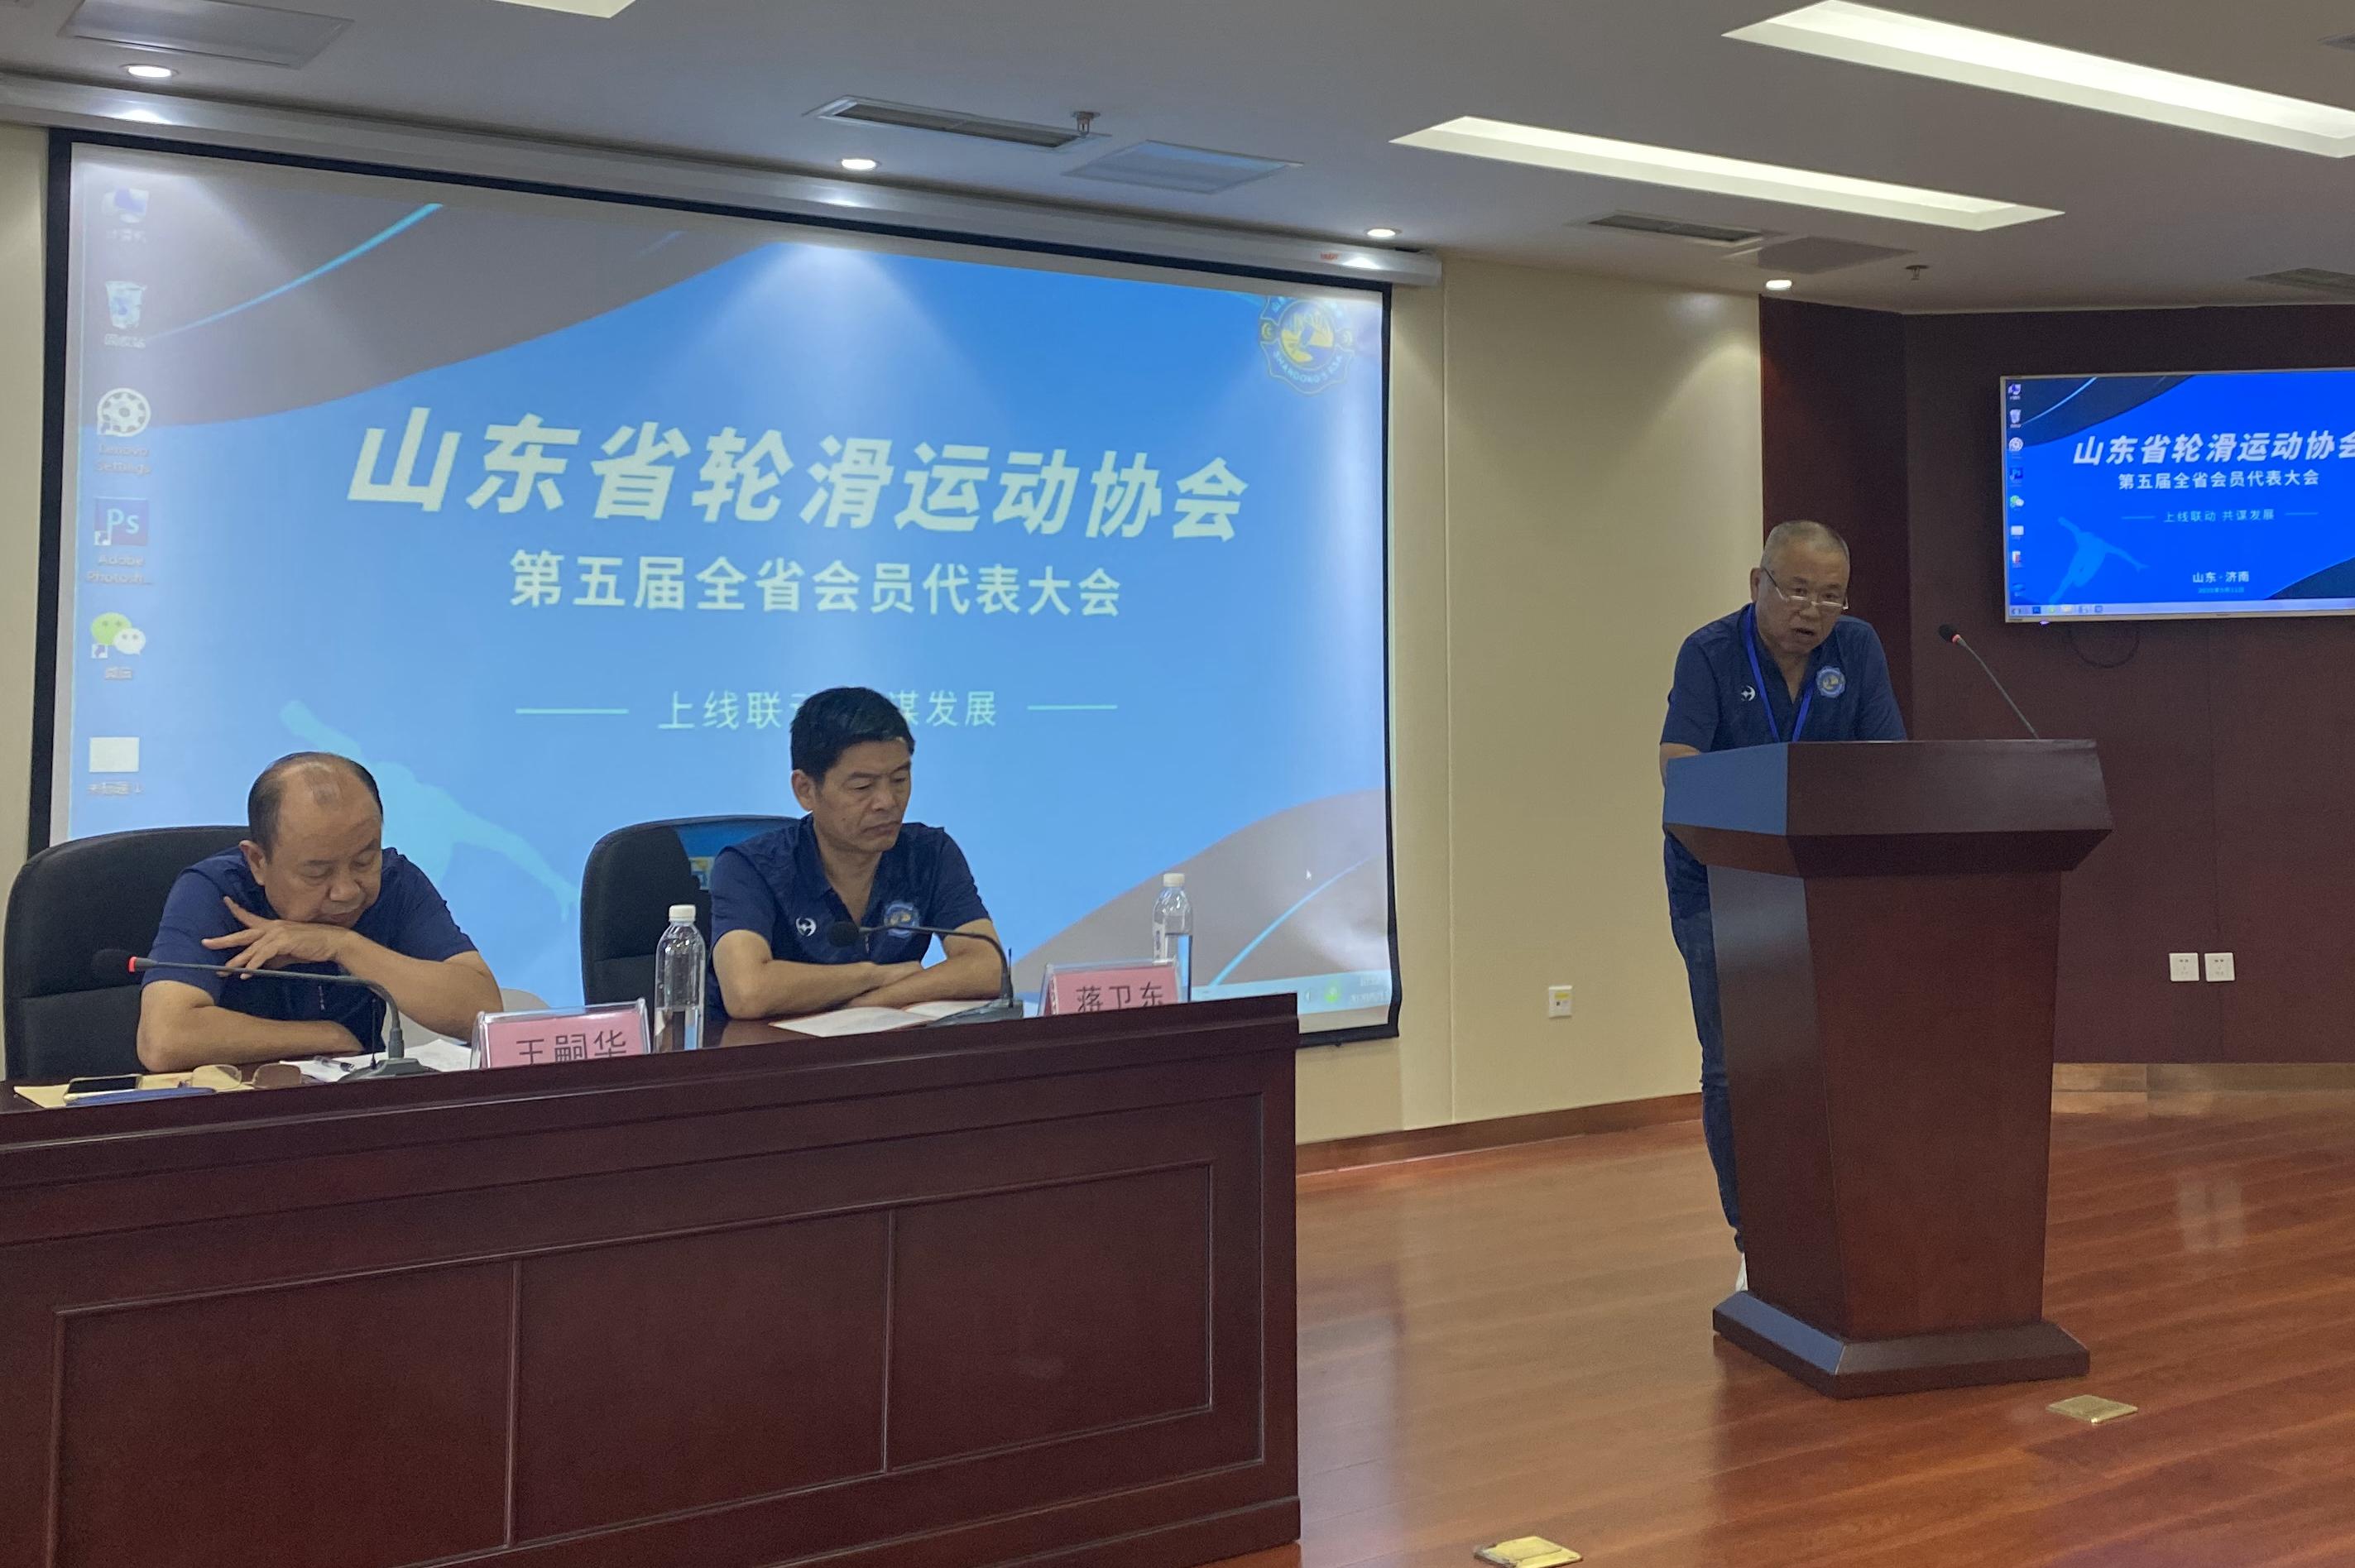 山东省轮滑协会第五届代表大会召开